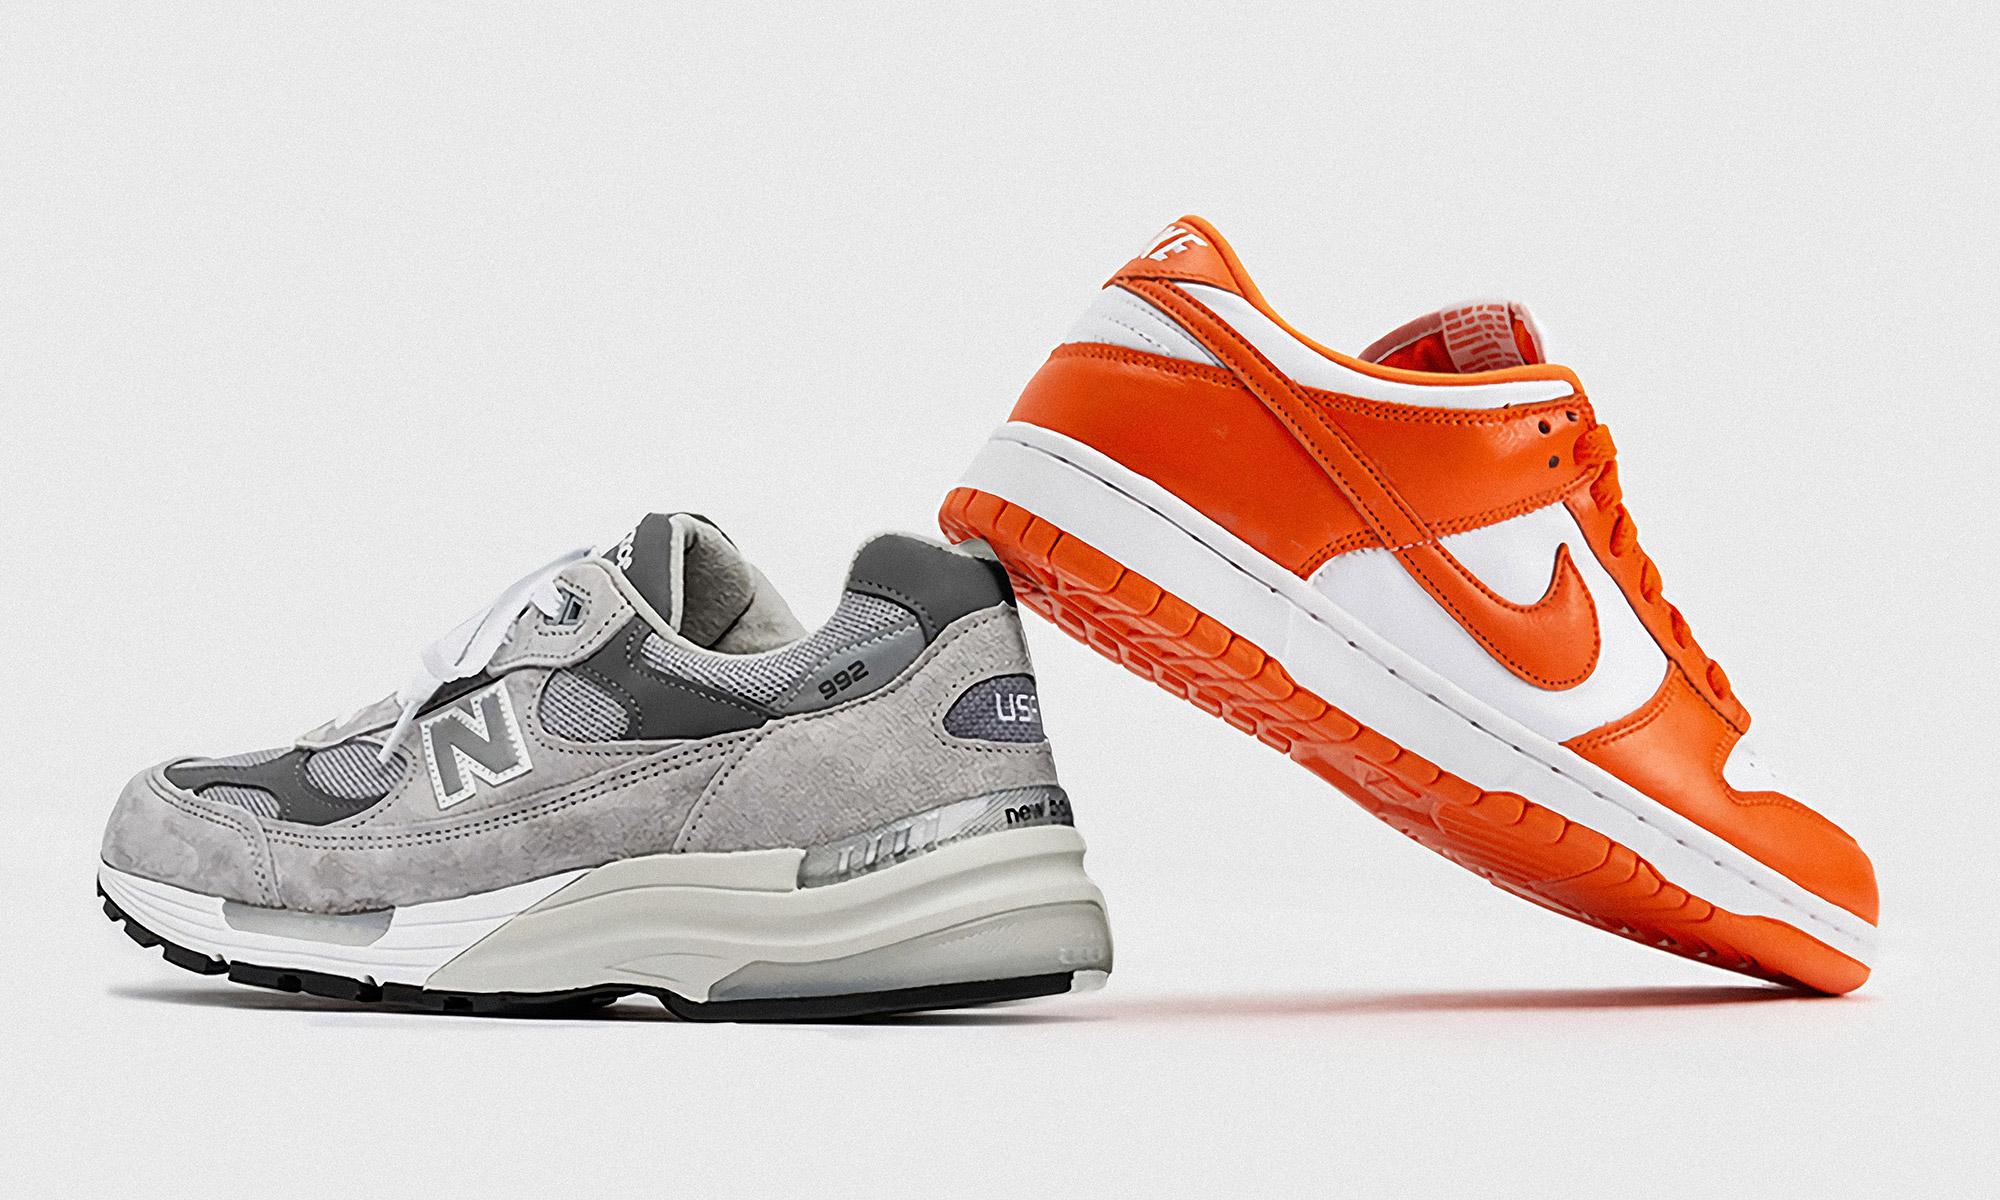 目前很火的 Nike Dunk 和 NB 992,你选哪个?